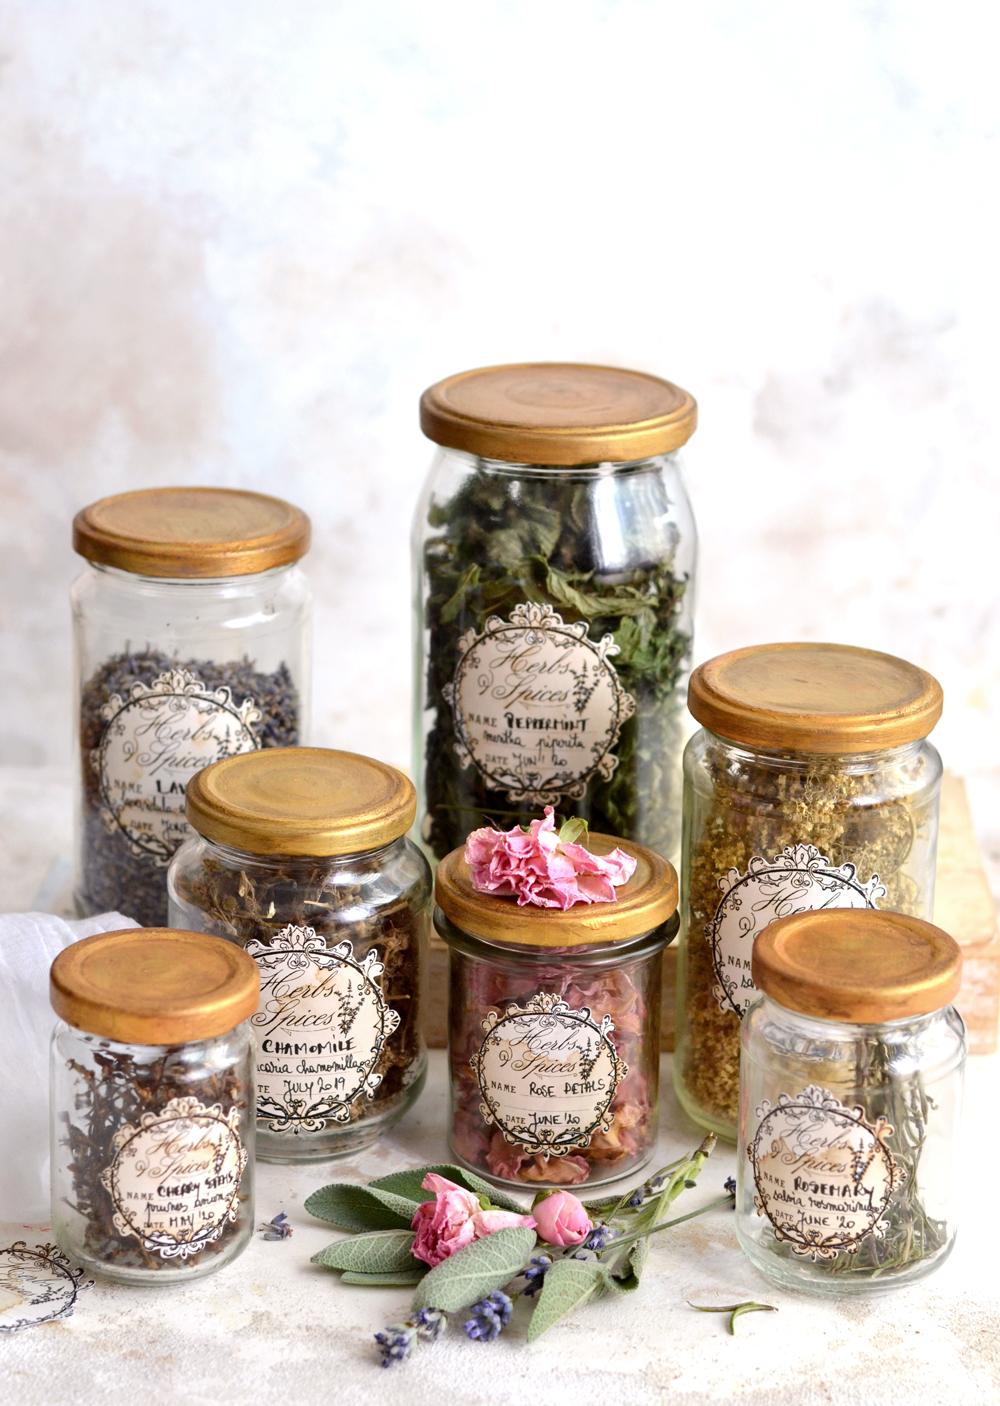 DIY Herb Apothecary Jars